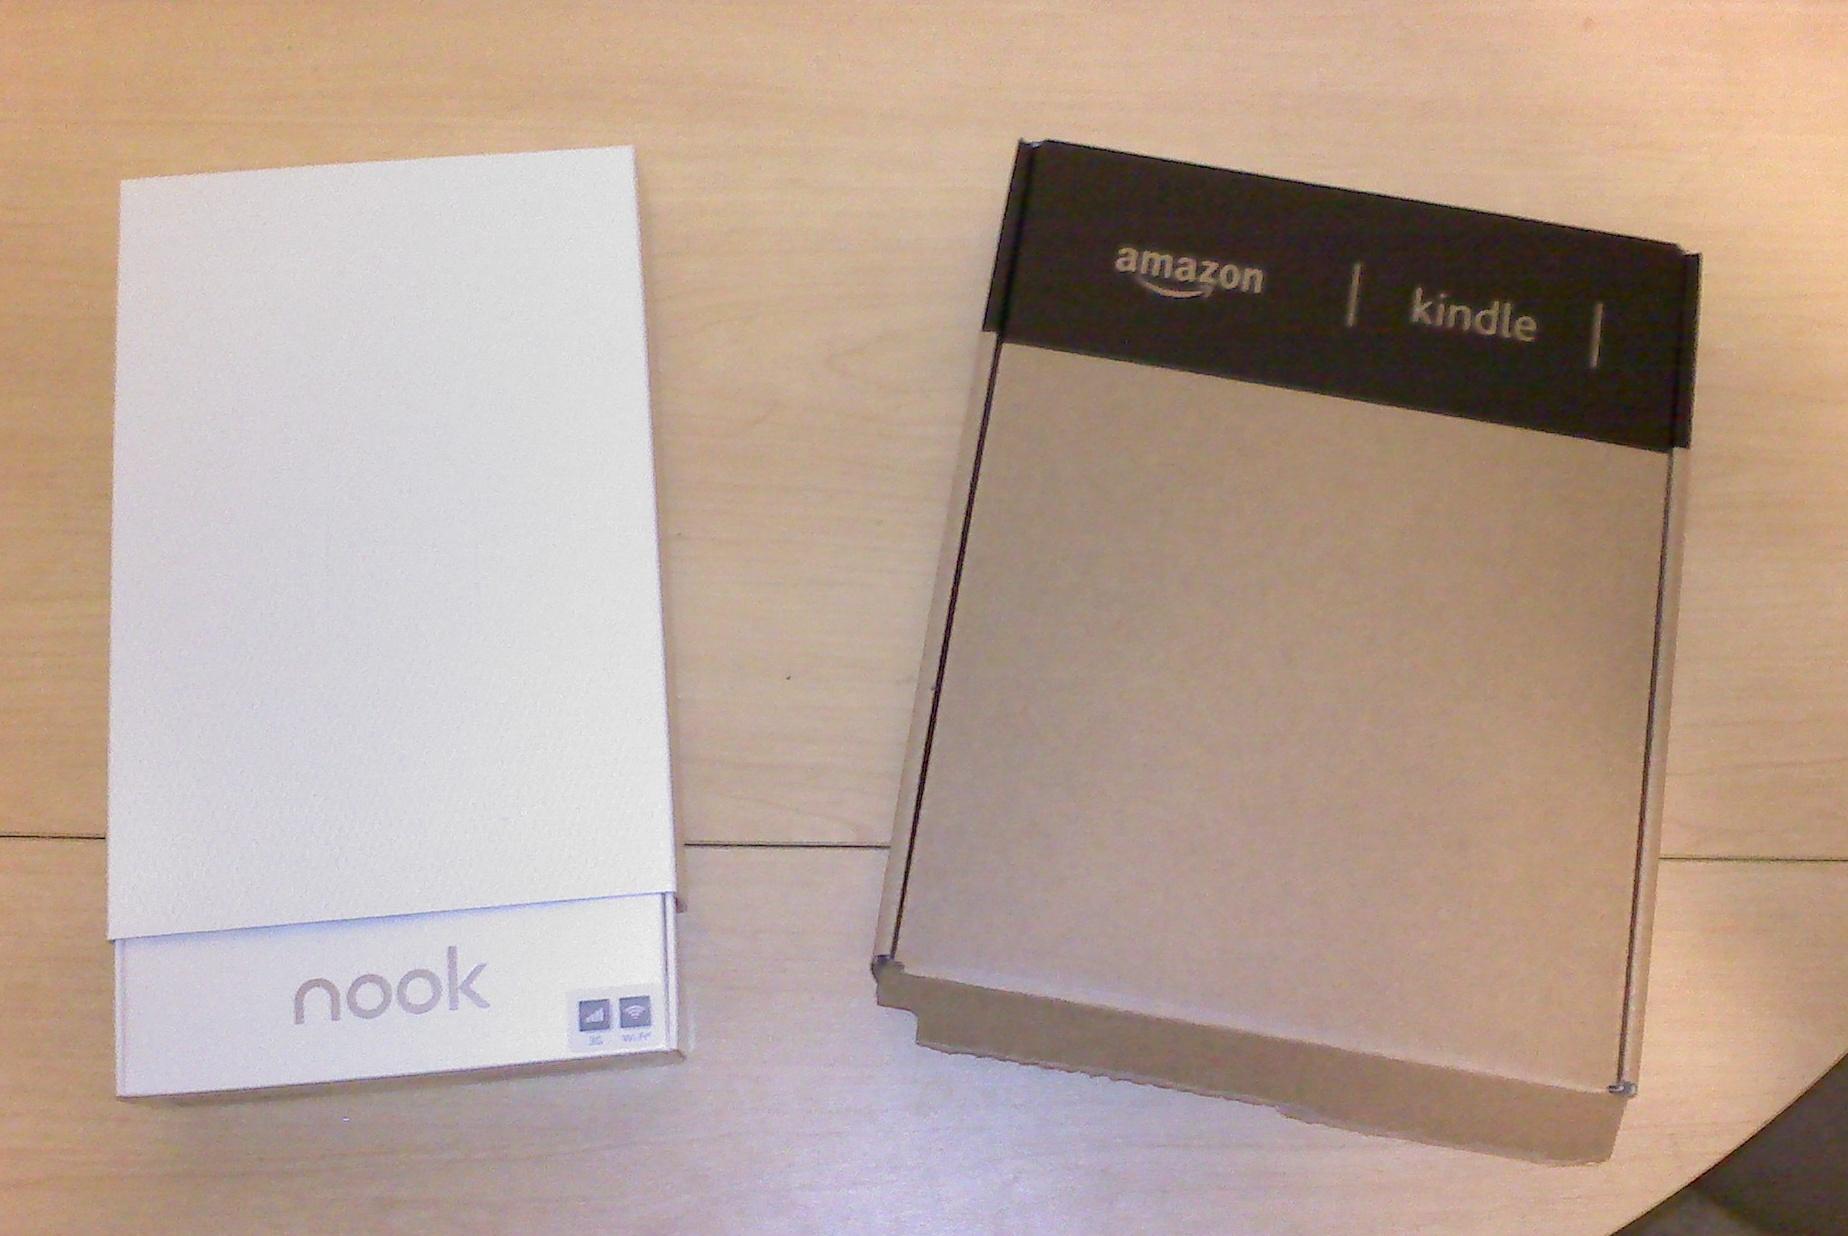 Nook E Reader Vs Kindle: E-Readers: Kindle Vs Nook, Let The Battle Begin